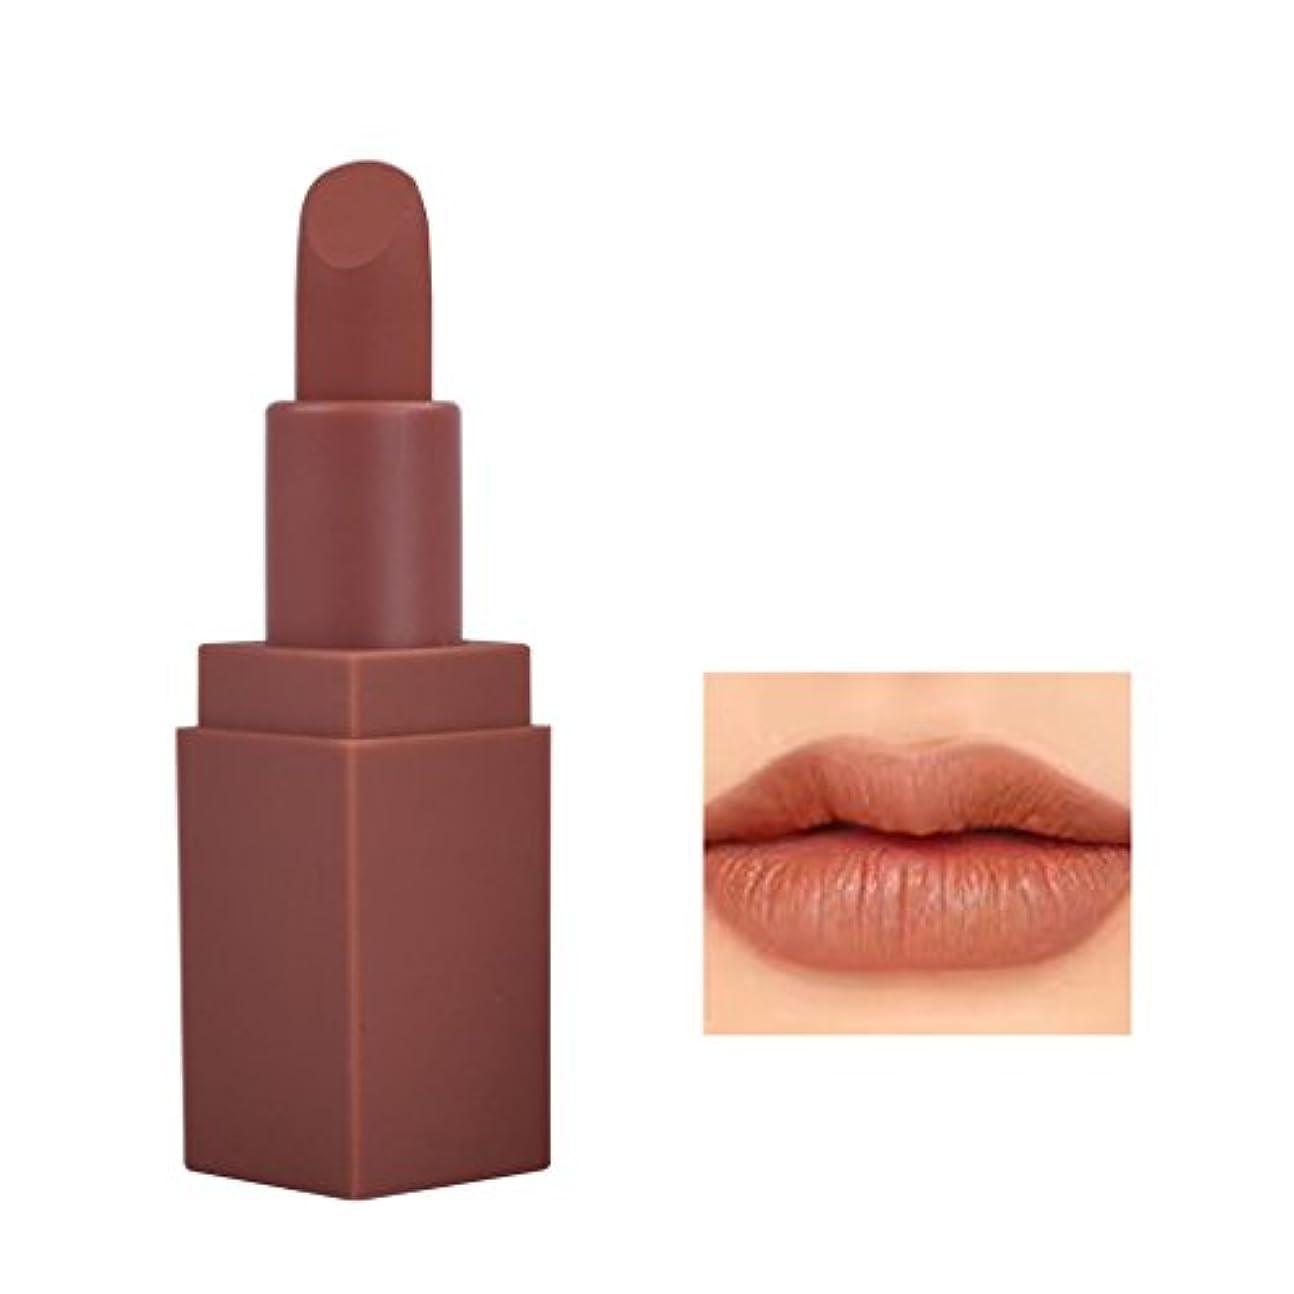 収束する通知するタブレットCUTICATE 長続きがする保湿のビロードの裸の口紅の無光沢の光沢の唇のcomestics - #3